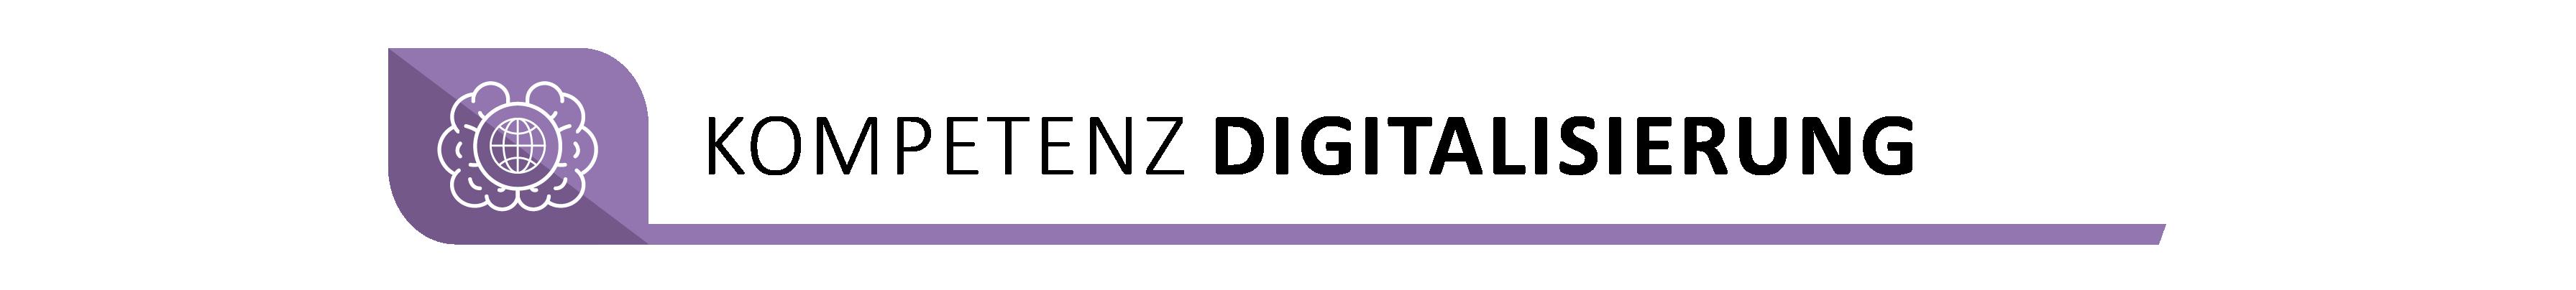 Zwischengrafik_kompetenz-Digitalisierung_Pastell